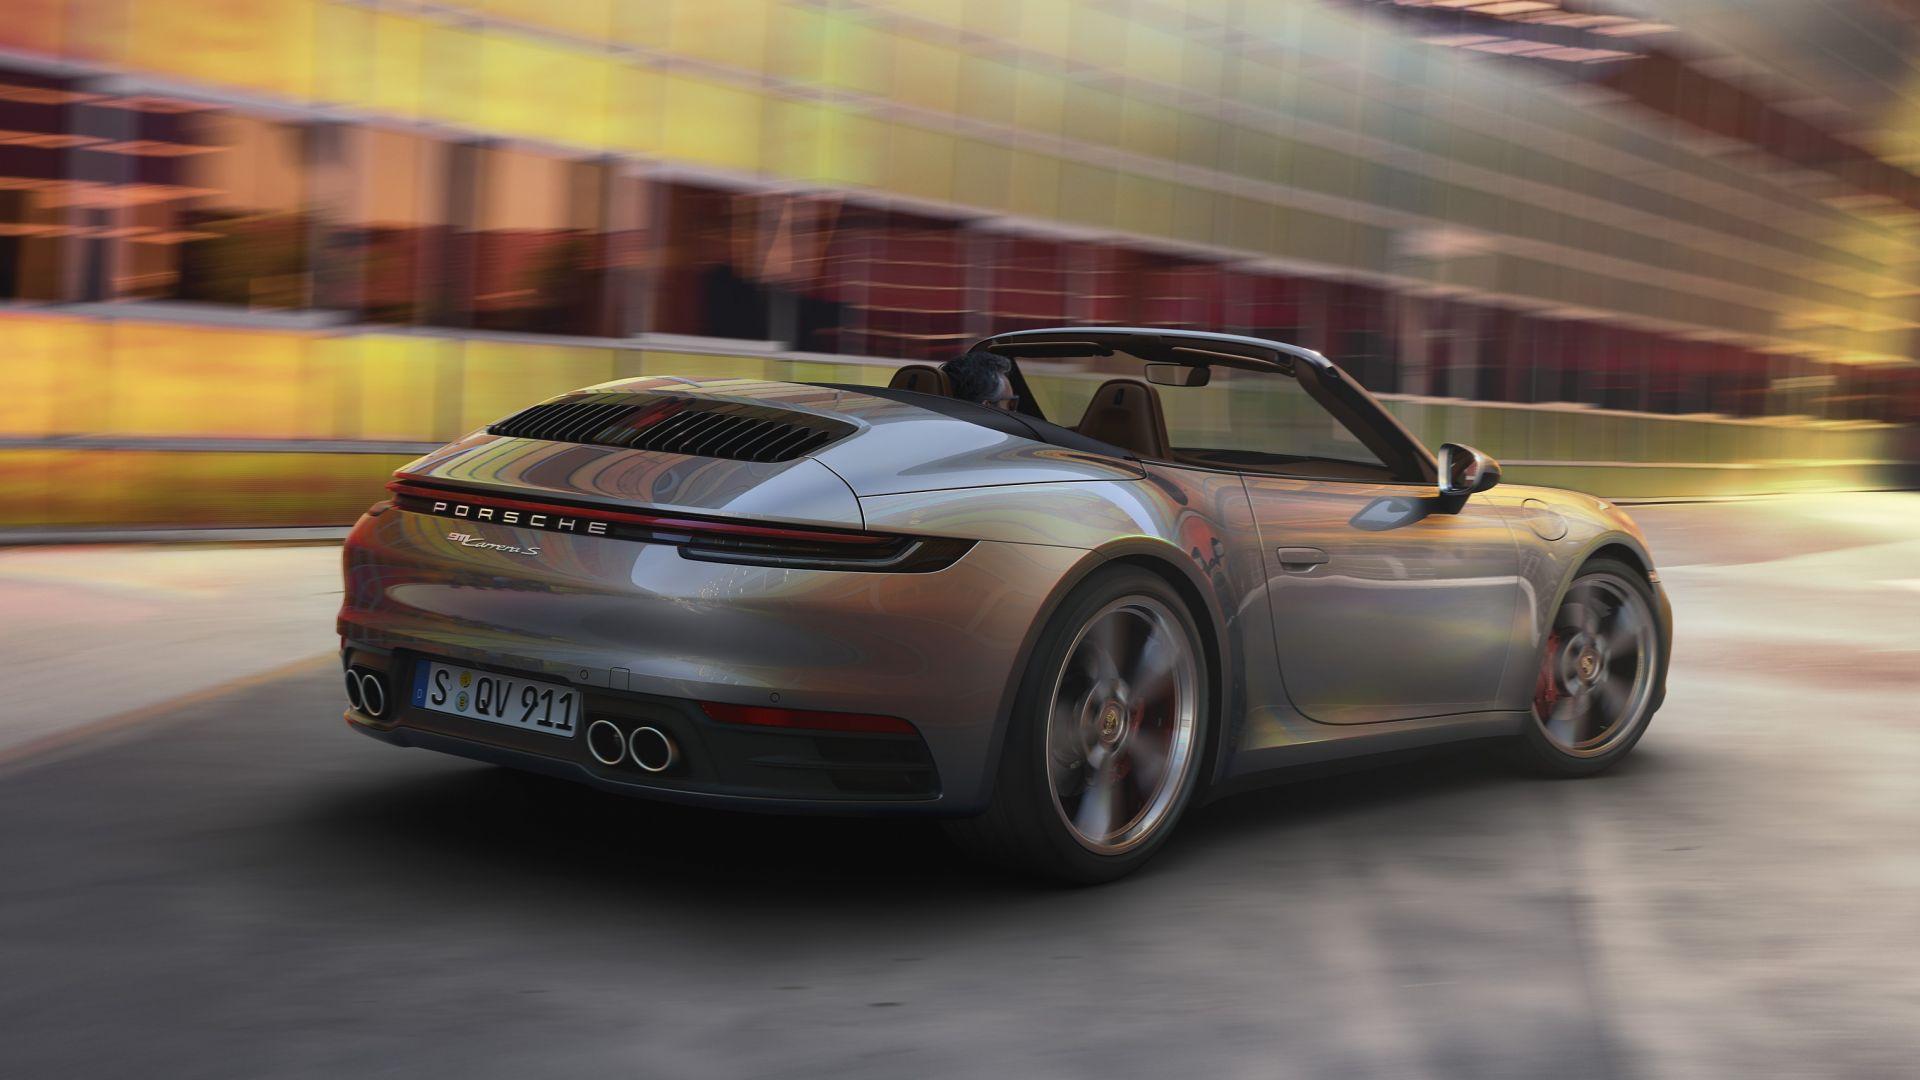 Porsche 911 Turbo >> Nuova Porsche 911 992 Cabrio 2019: prezzi, uscita ...